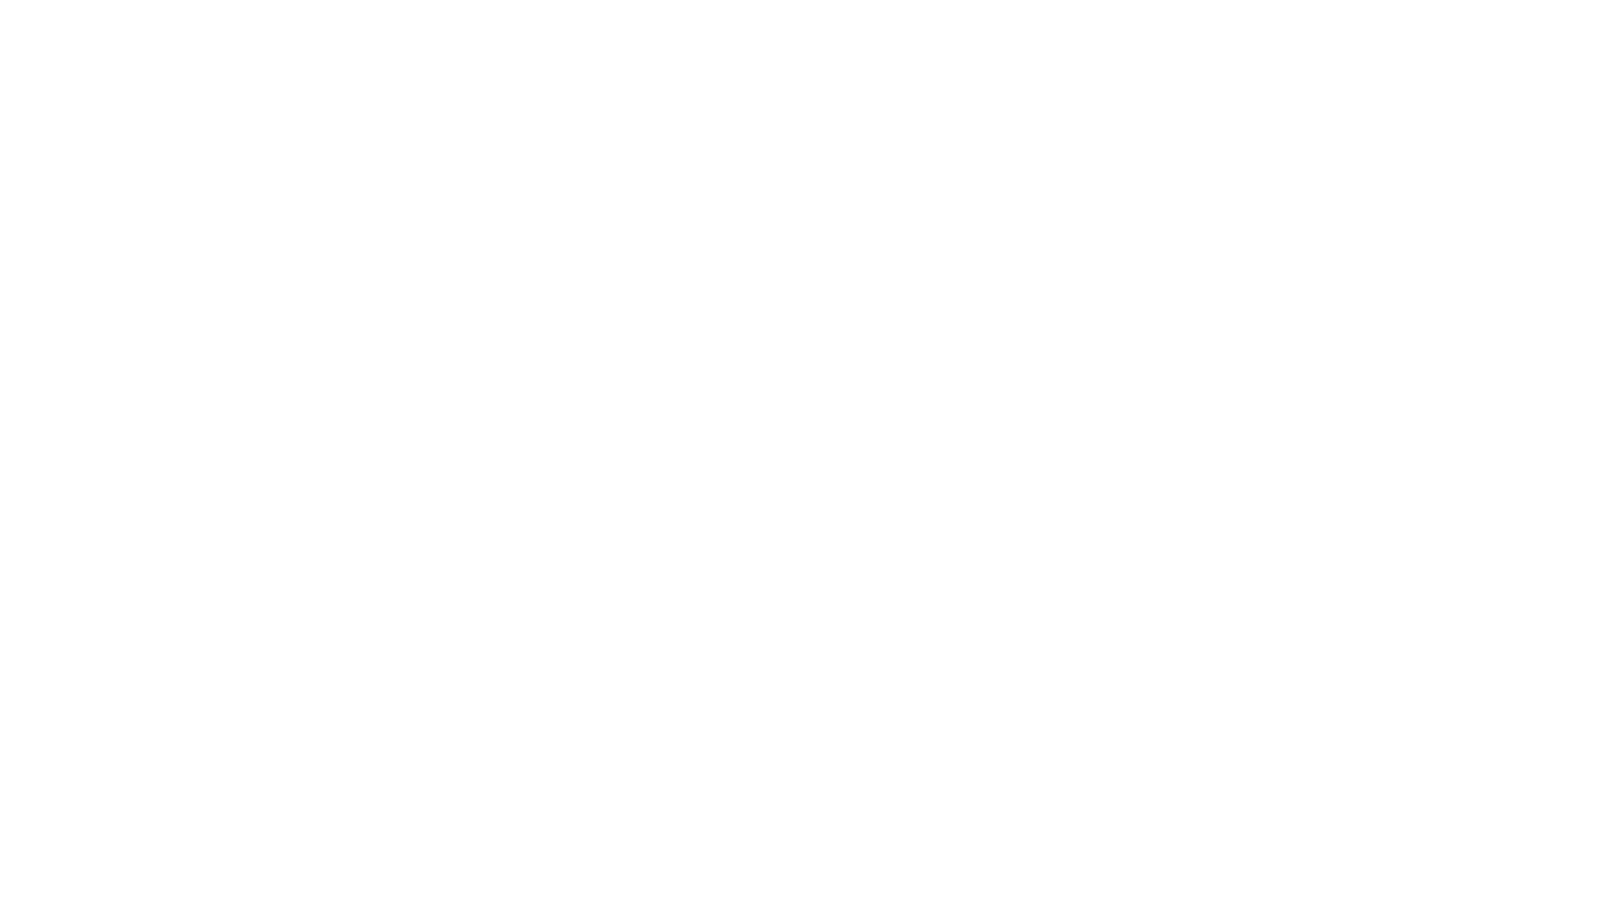 Svinge-Ringe-Raja došao iz Niša Baja. Ovaj program nije preporučljiv za mlađe od 18 godina, kao i za Balkance sa slabim srcem 🙂 Vodim vas u svet tajnih svingerskih žurki Majamija     Podržite kanal donacijom: http://paypal.me/kaostrongman  7 dana besplatnog online treninga samnom: https://milanstrongman.com/youtube  Skinite besplatno moje knjige: https://milanstrongman.com/knjige  Music by Ikson : - Spotify: goo.gl/GSvyMN - Soundcloud: @ikson - iTunes: itunes.apple.com/se/artist/ikson/id533041587